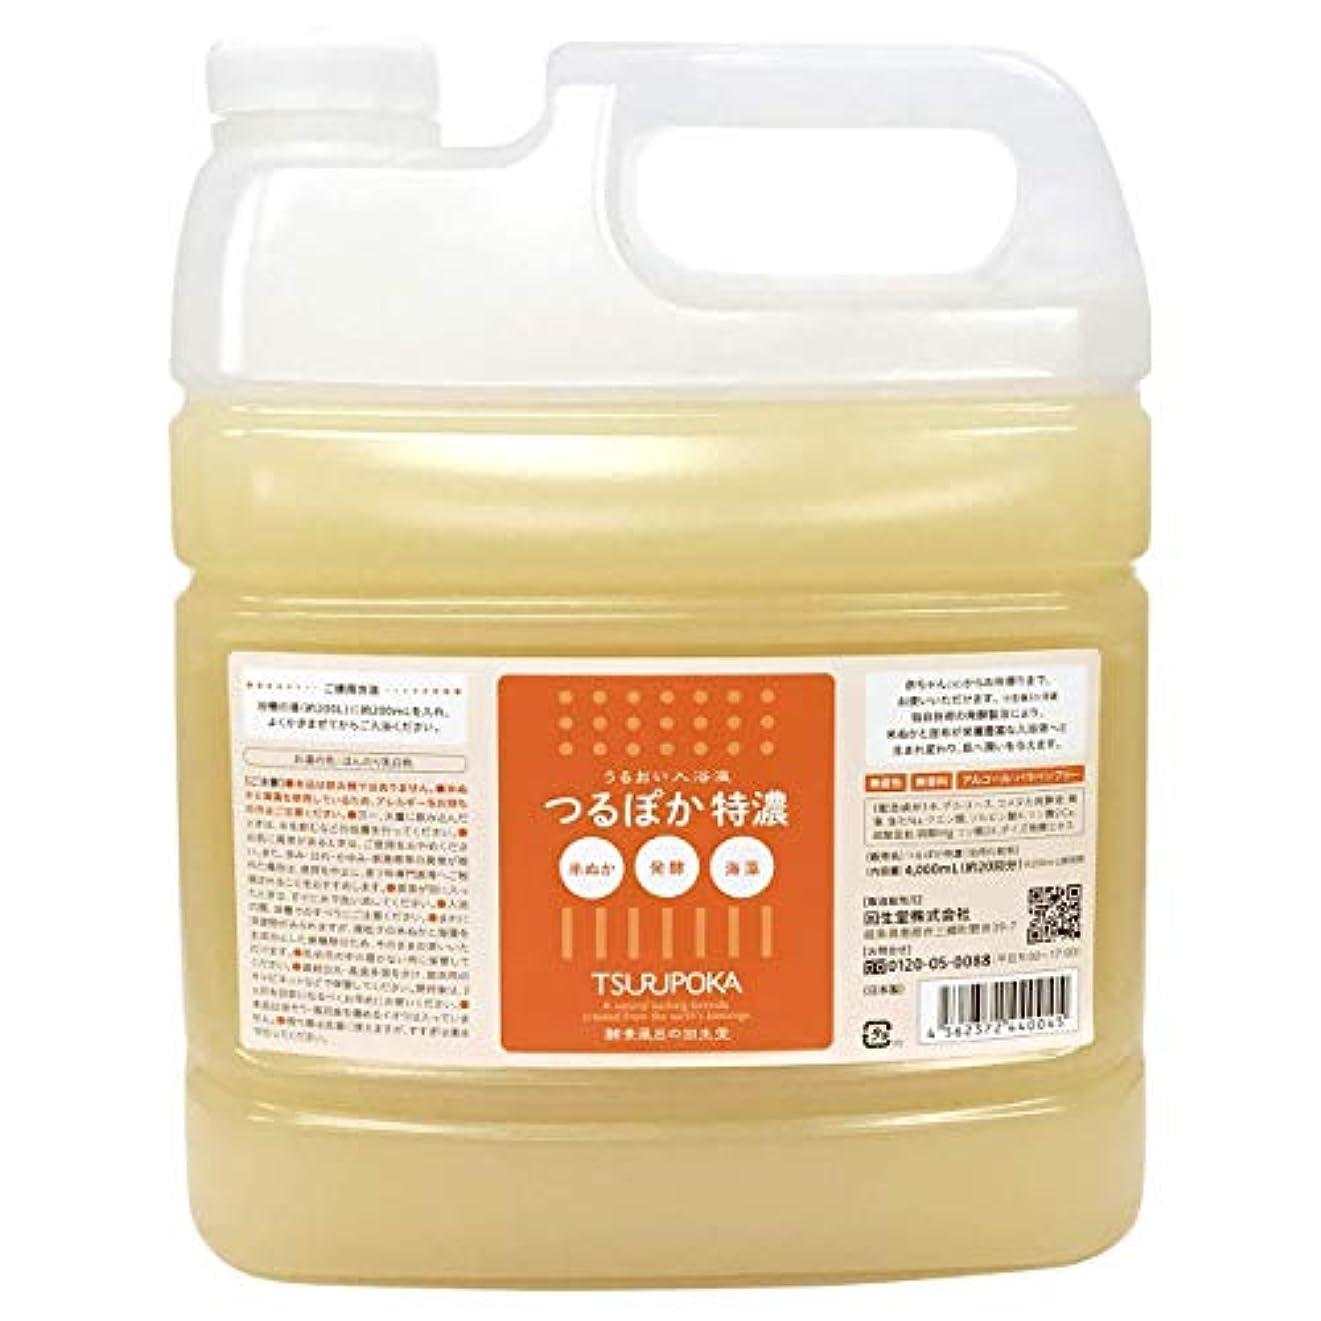 ロンドンミシン目里親「自宅で簡単酵素風呂」つるぽか特濃 国産の米ぬかと昆布を発酵させた自然派酵素入浴剤 約20回分(1回200mL使用)うるおい しっとり 保湿 冷え 発汗